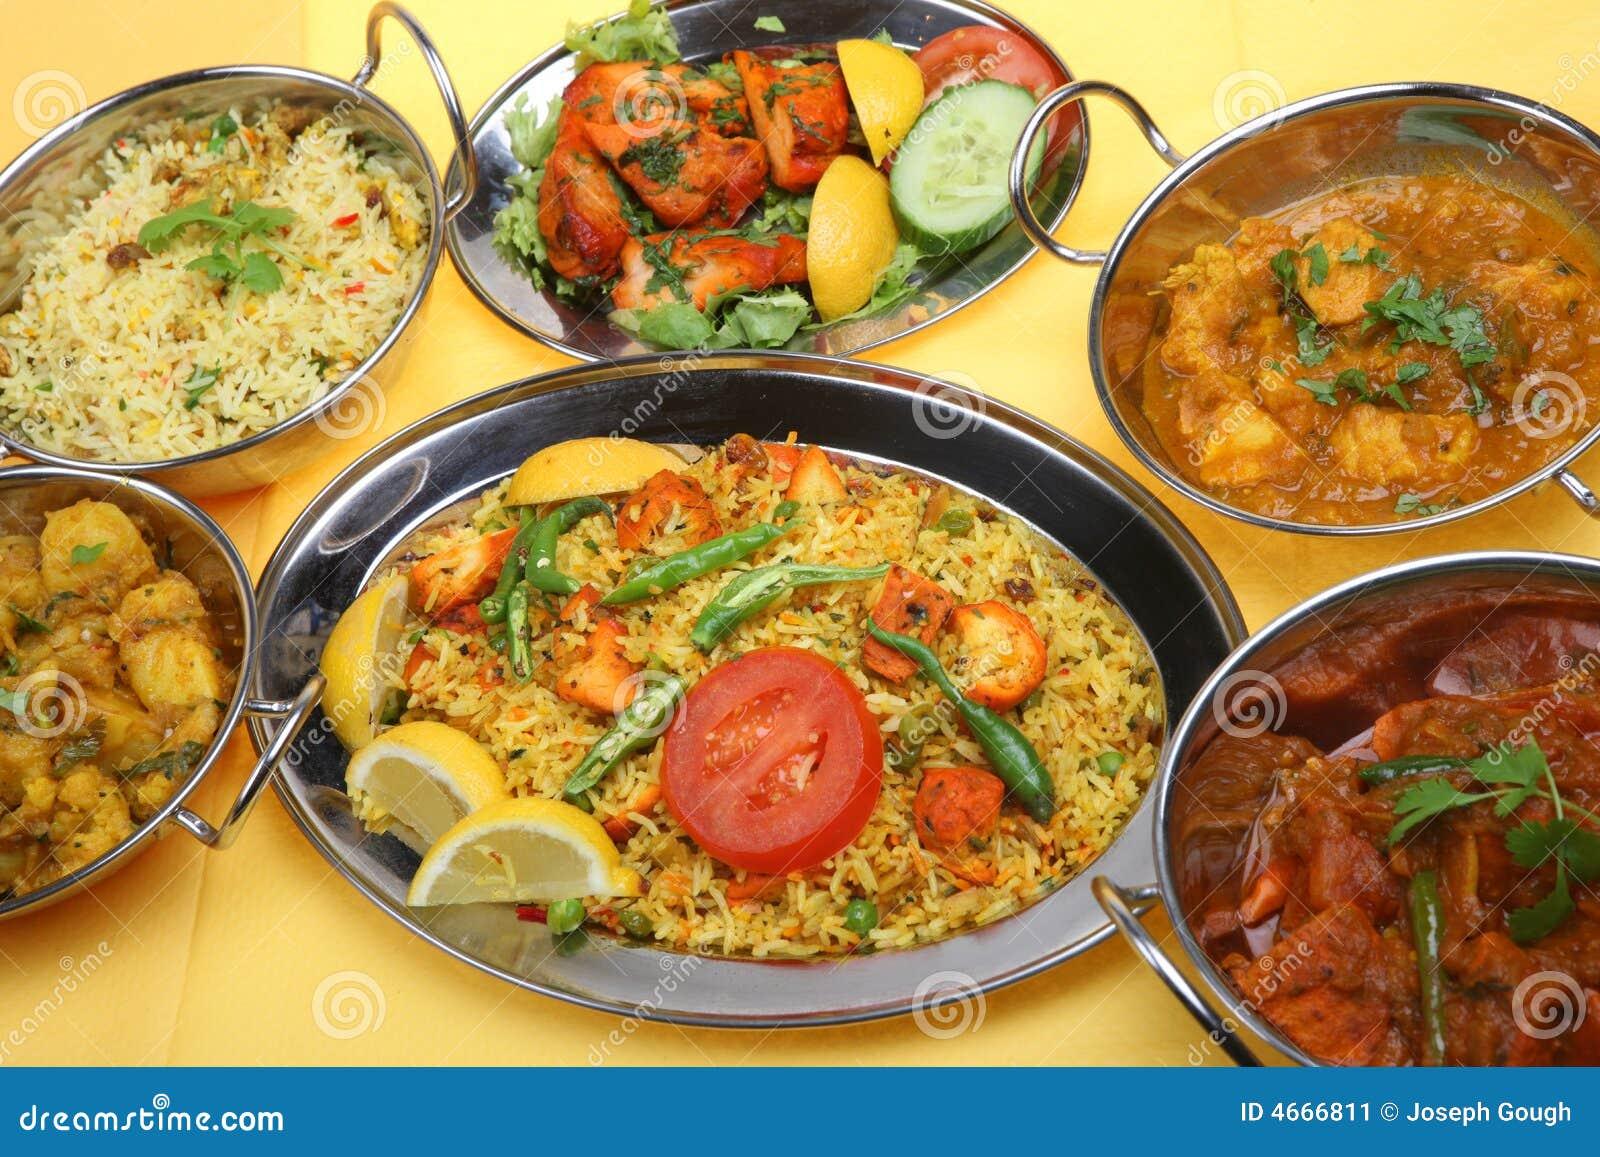 Best Indian Restaurant North West